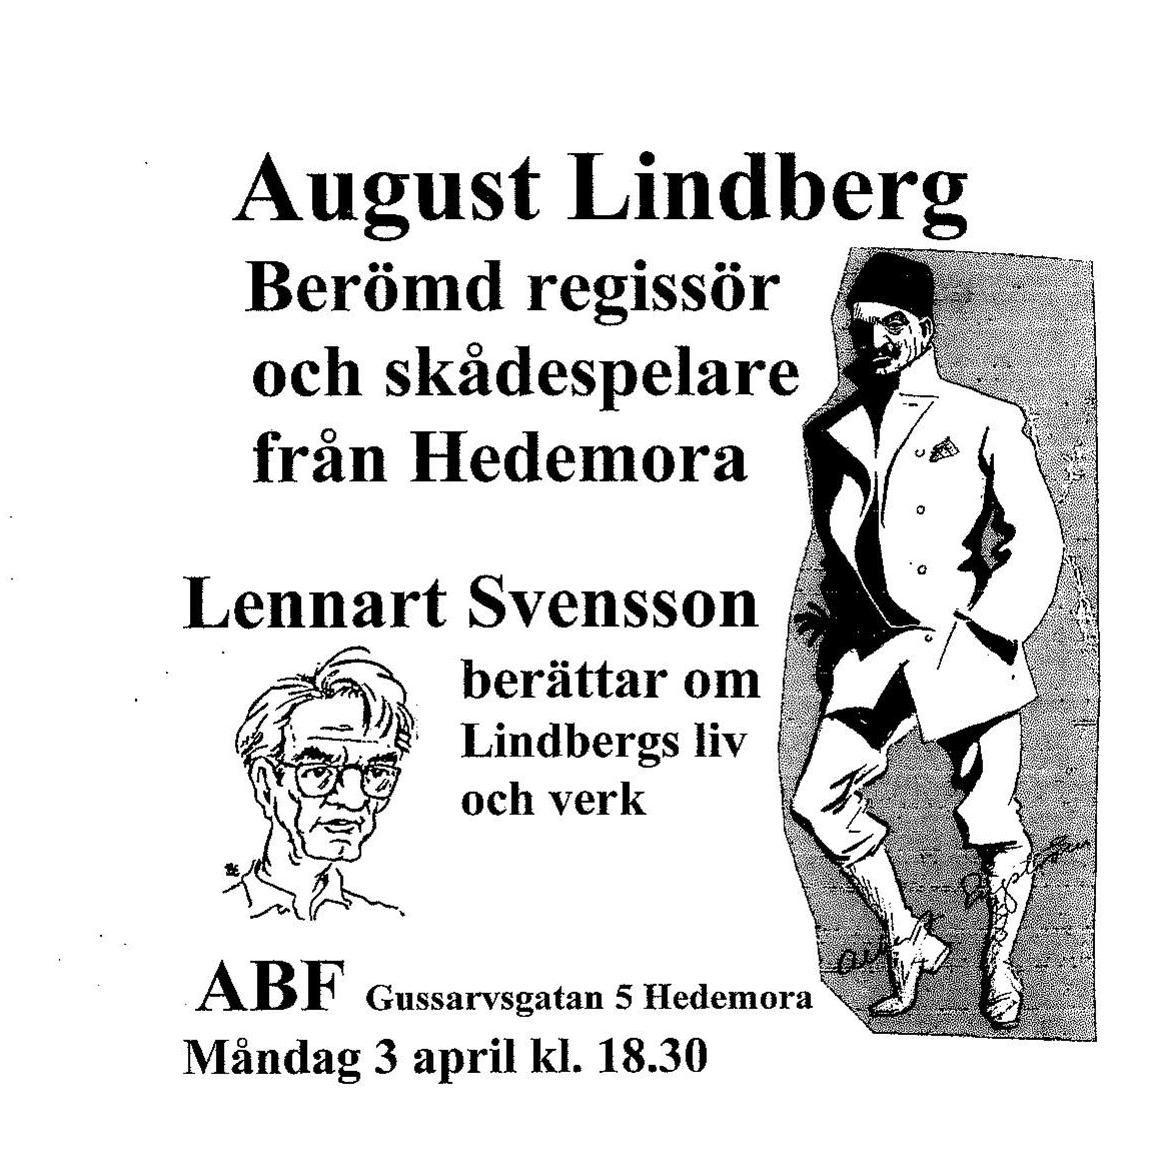 August Lindberg - Berömd regissör och skådespelare från Hedemora